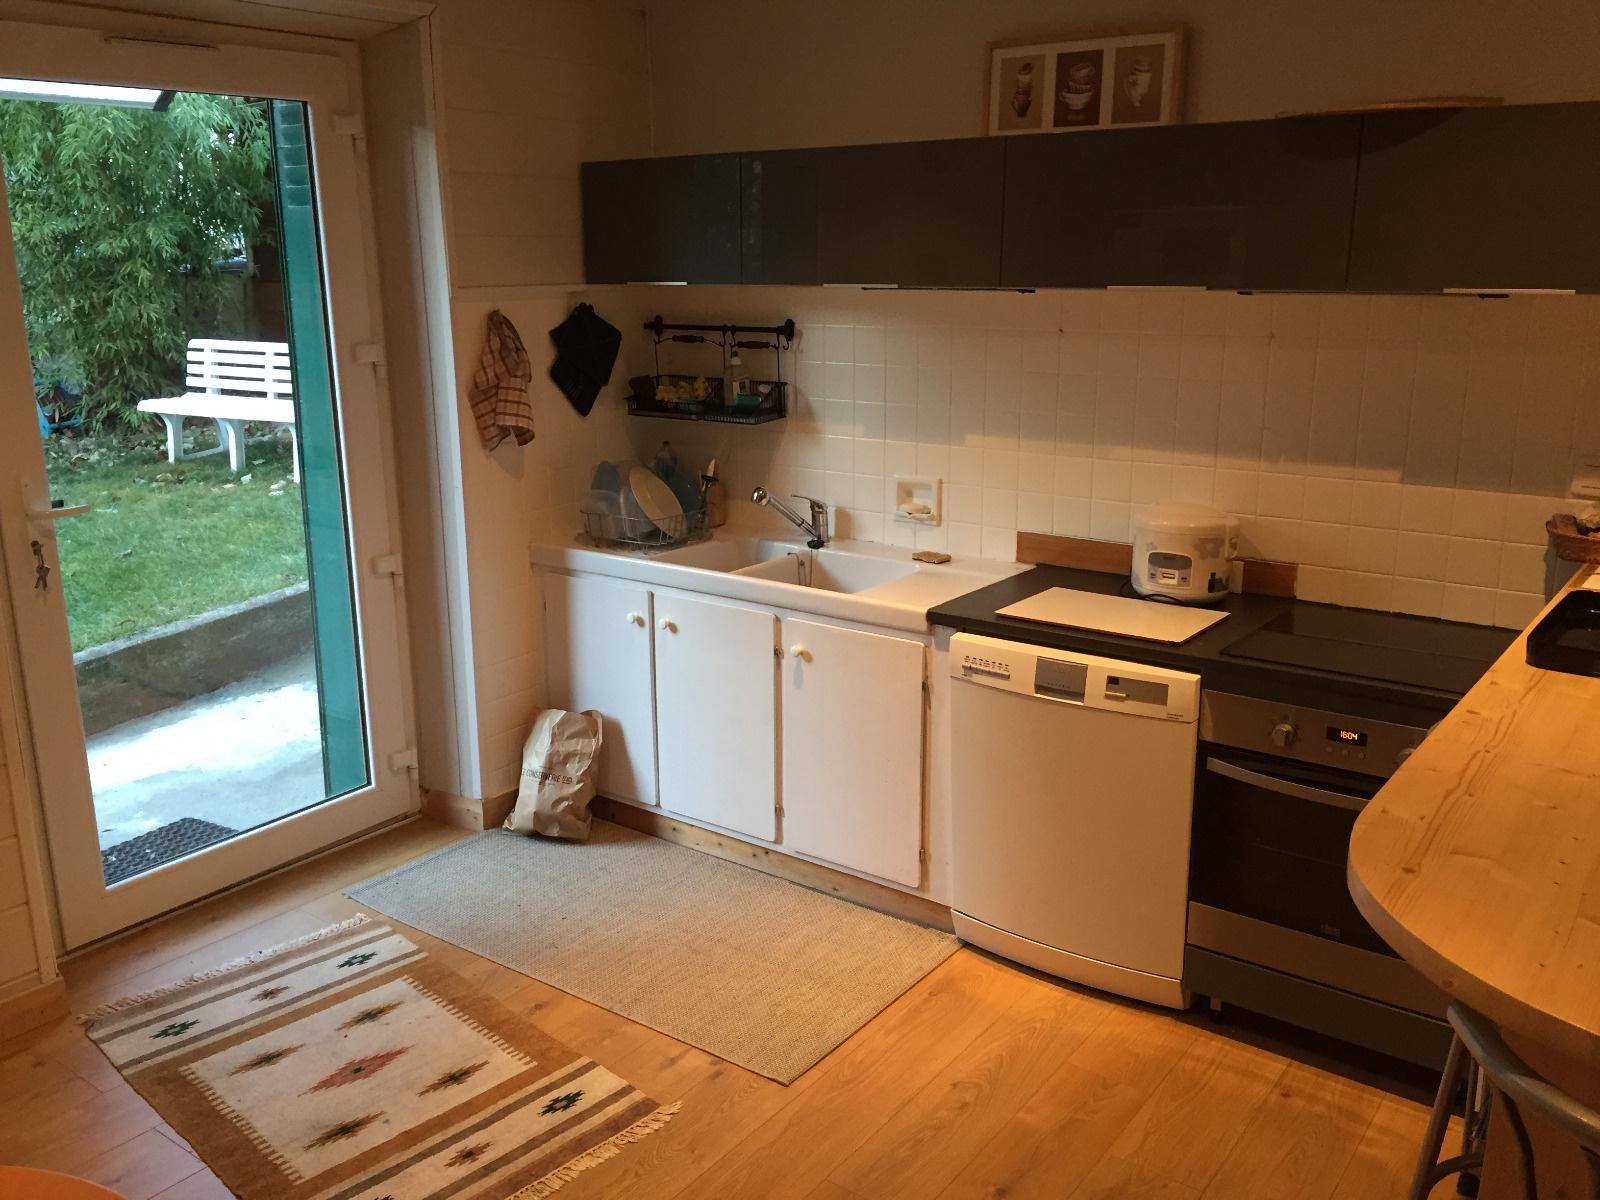 annonce vente appartement aix les bains 73100 66 m 185 000 992736730838. Black Bedroom Furniture Sets. Home Design Ideas